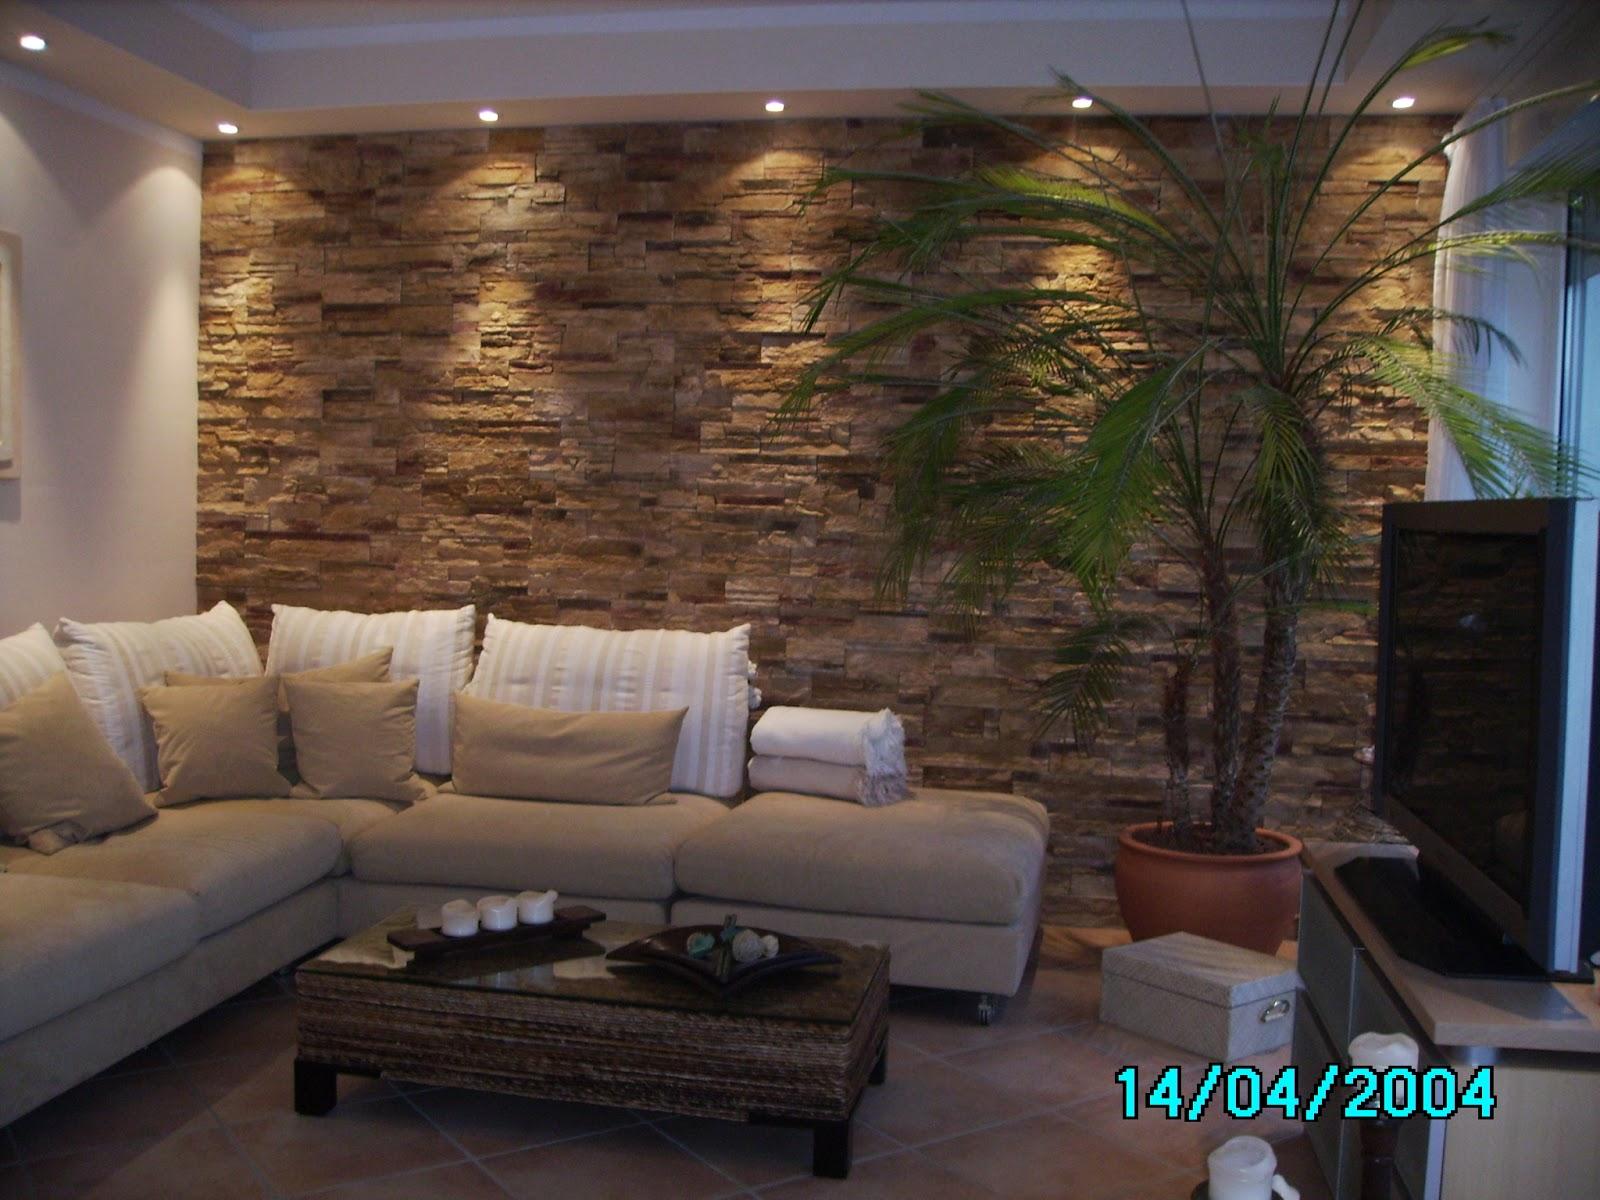 Steinwand Tapete Wohnzimmer Hausgestaltung Ideen